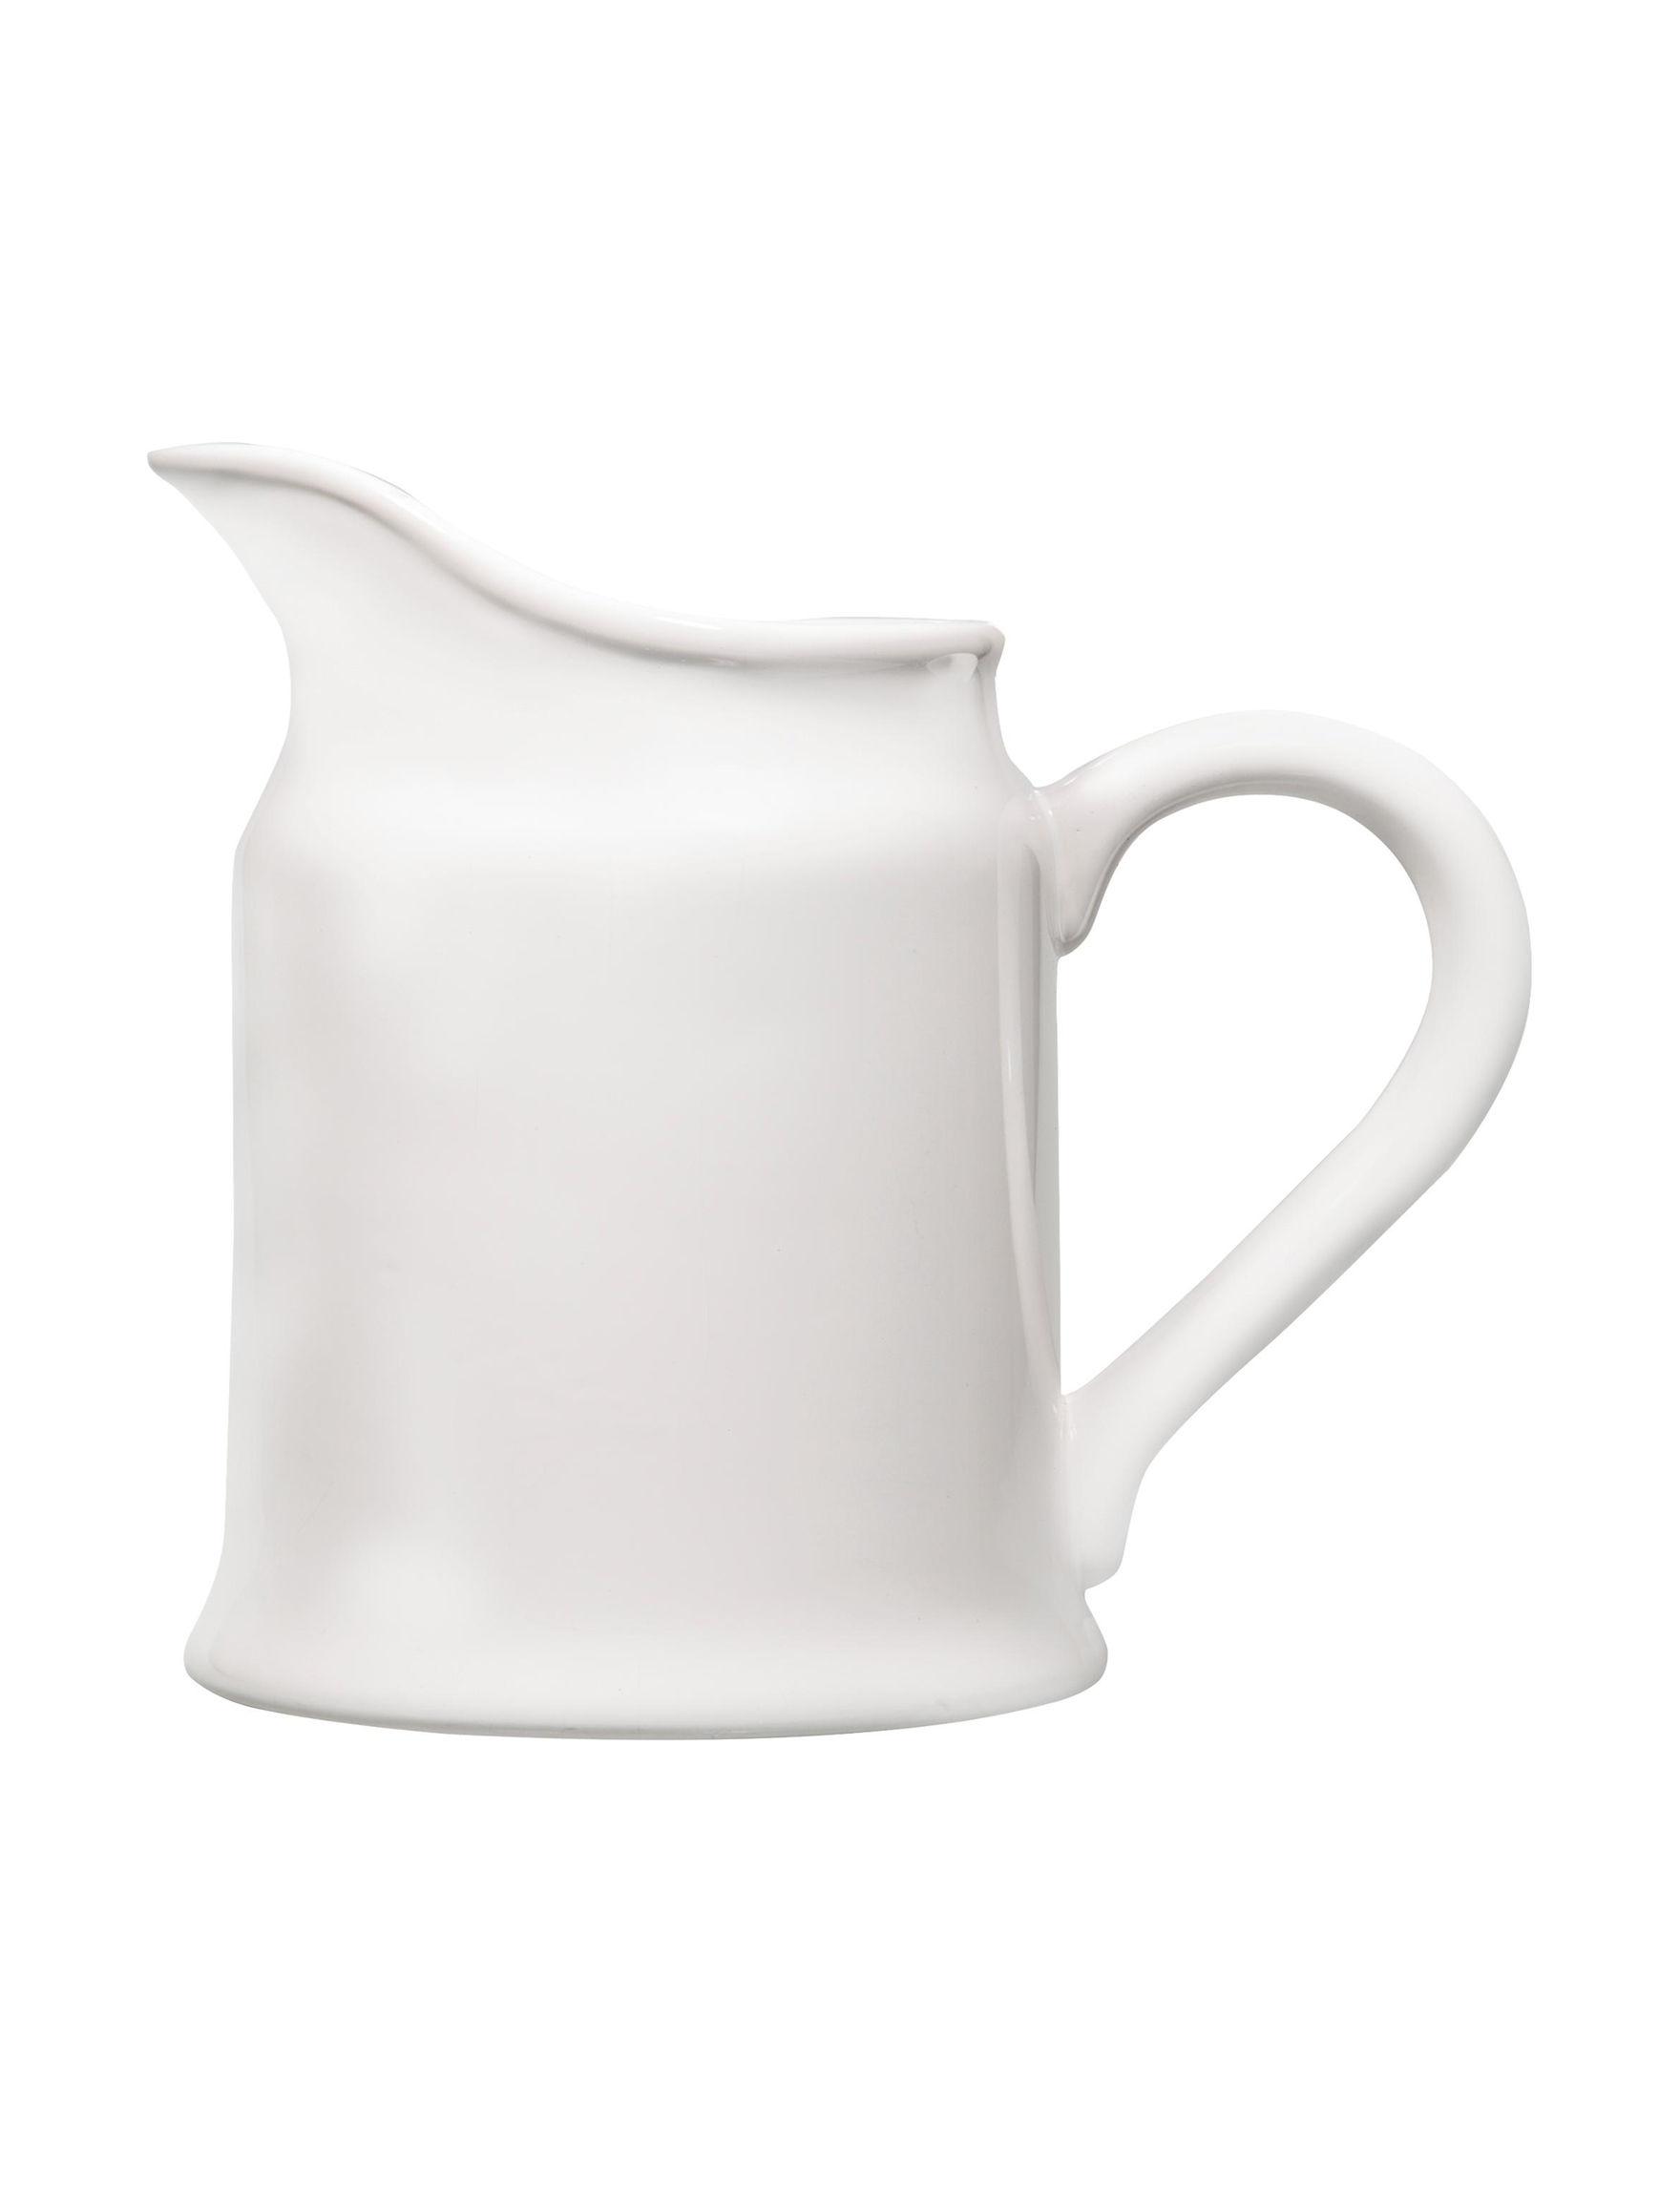 Home Essentials White / Silver Serveware